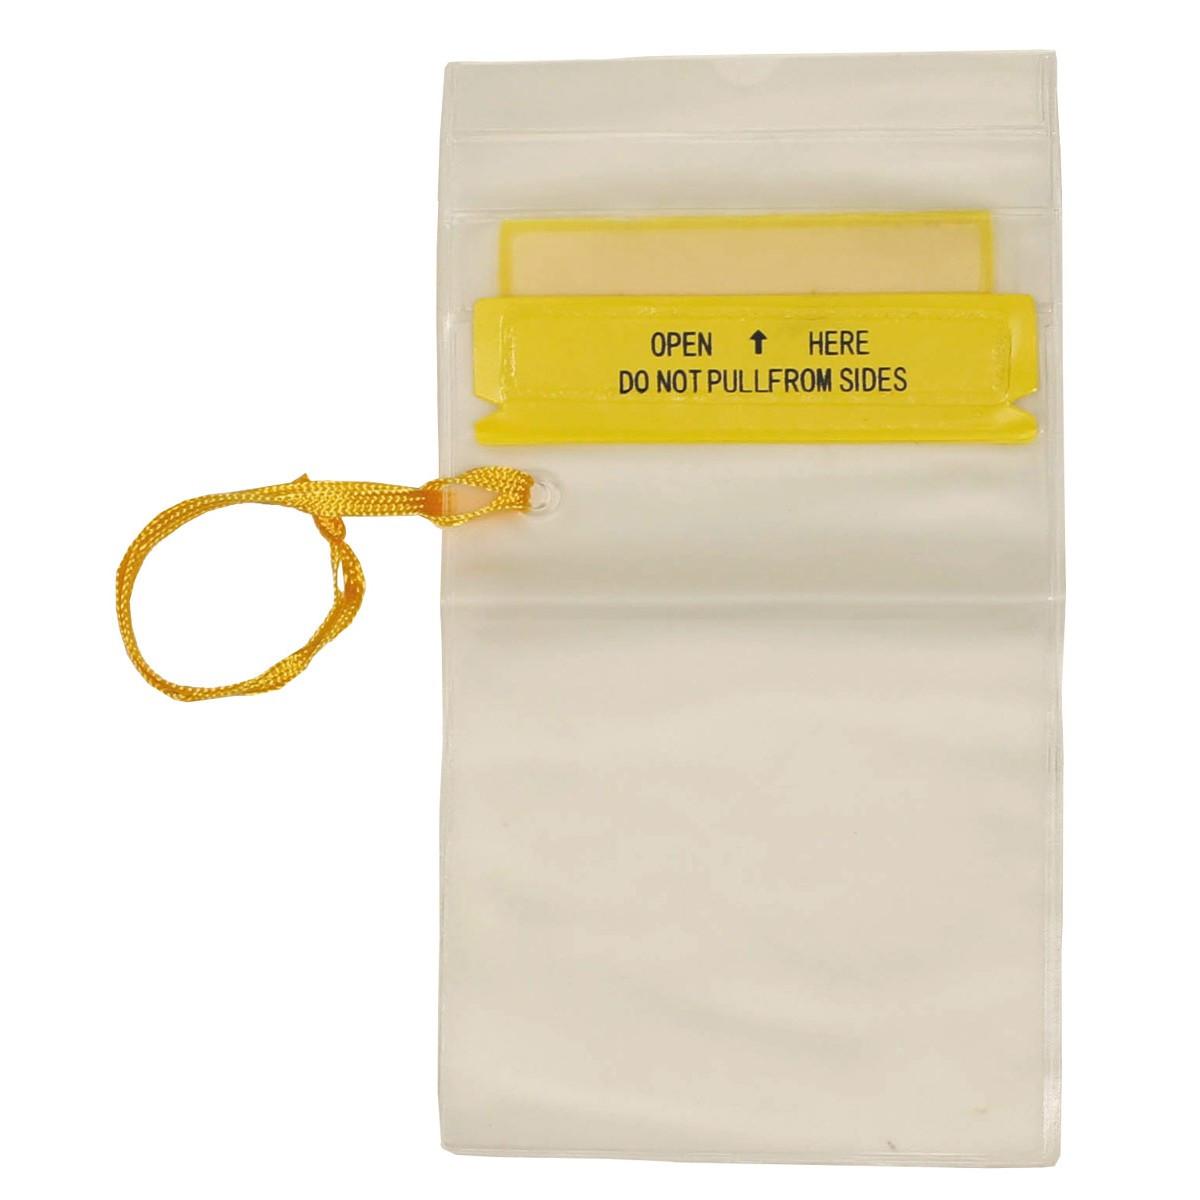 Водозащитная прозрачная гермоупаковка для документов 12.7х18.4см Fox Outdoor